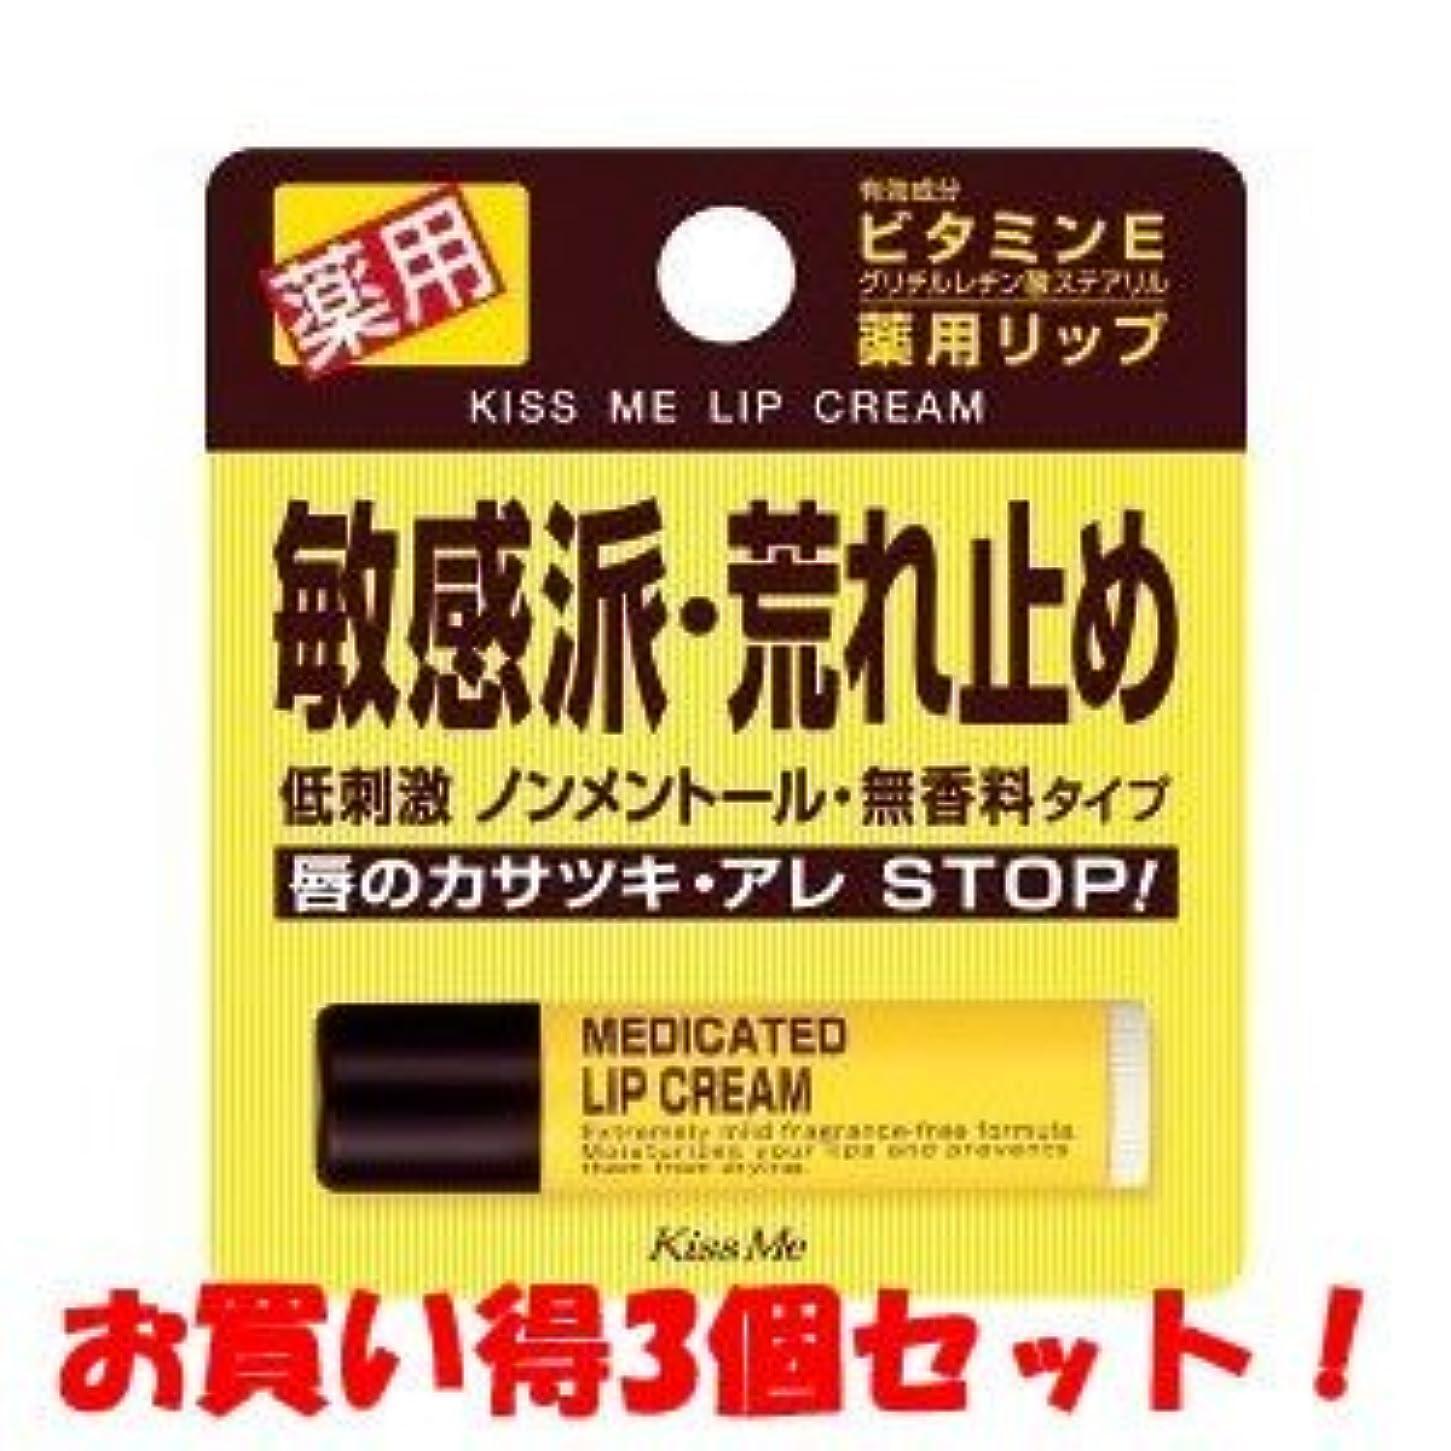 複製アラートいう【佐藤製薬】エマリール ゼリー 3g×12包(お買い得3個セット)